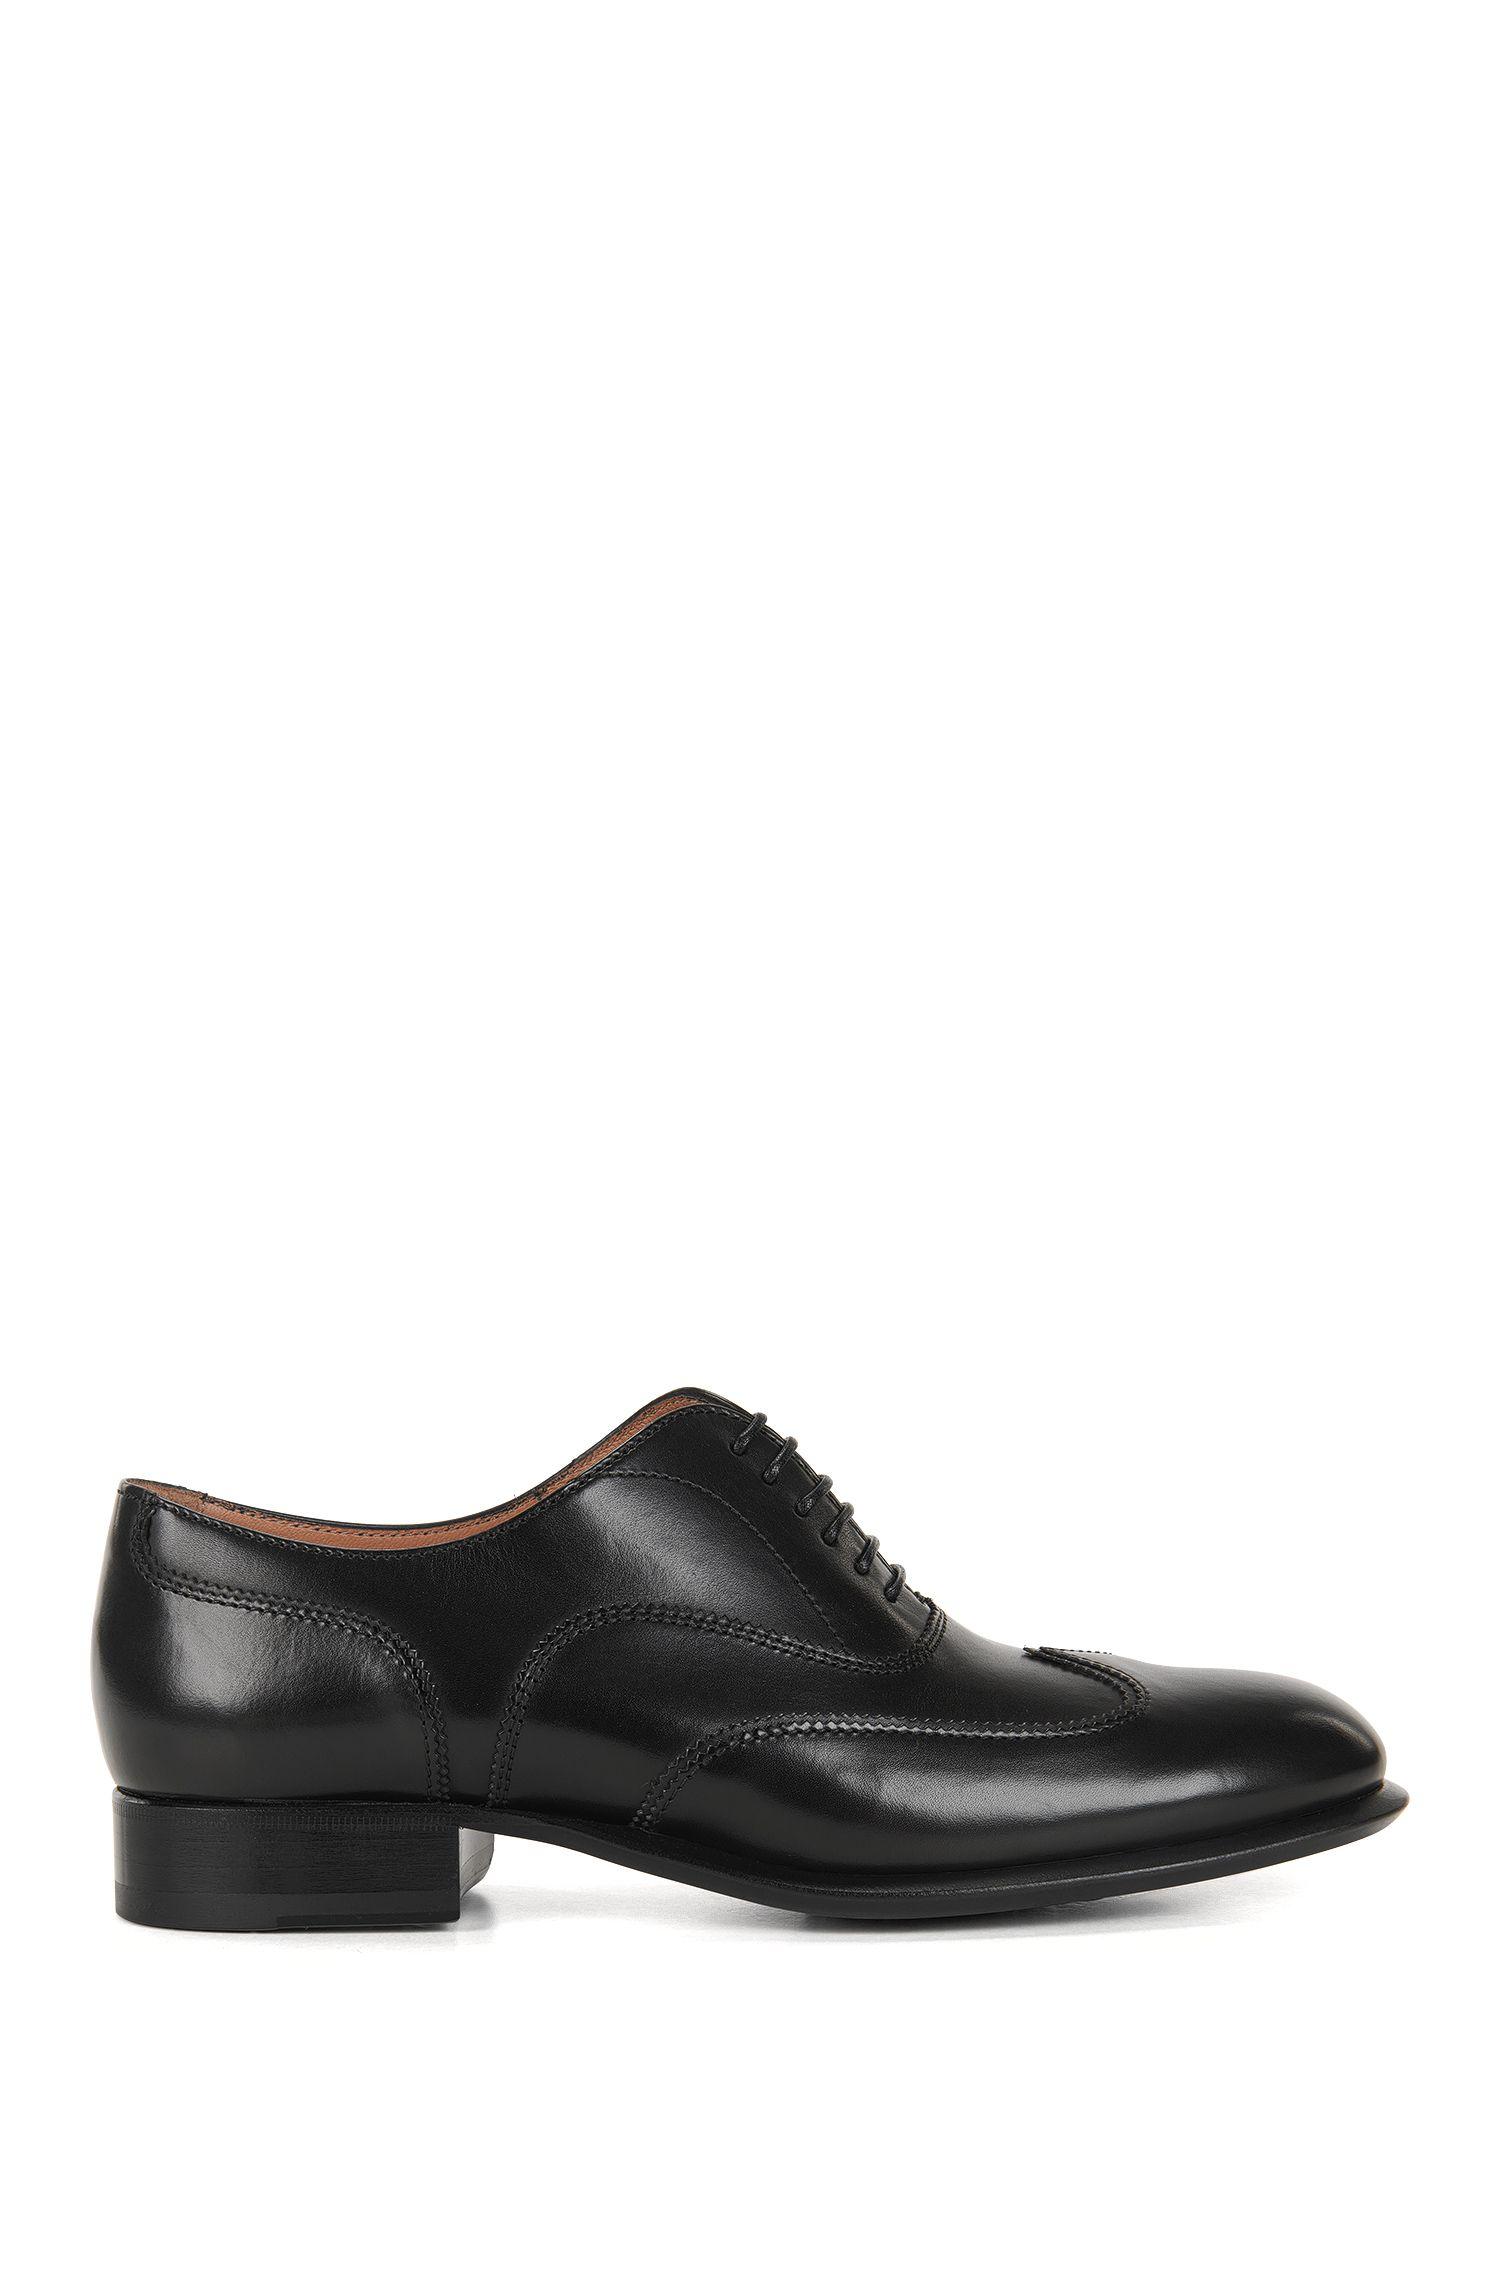 Zapatos formales con cordones de piel